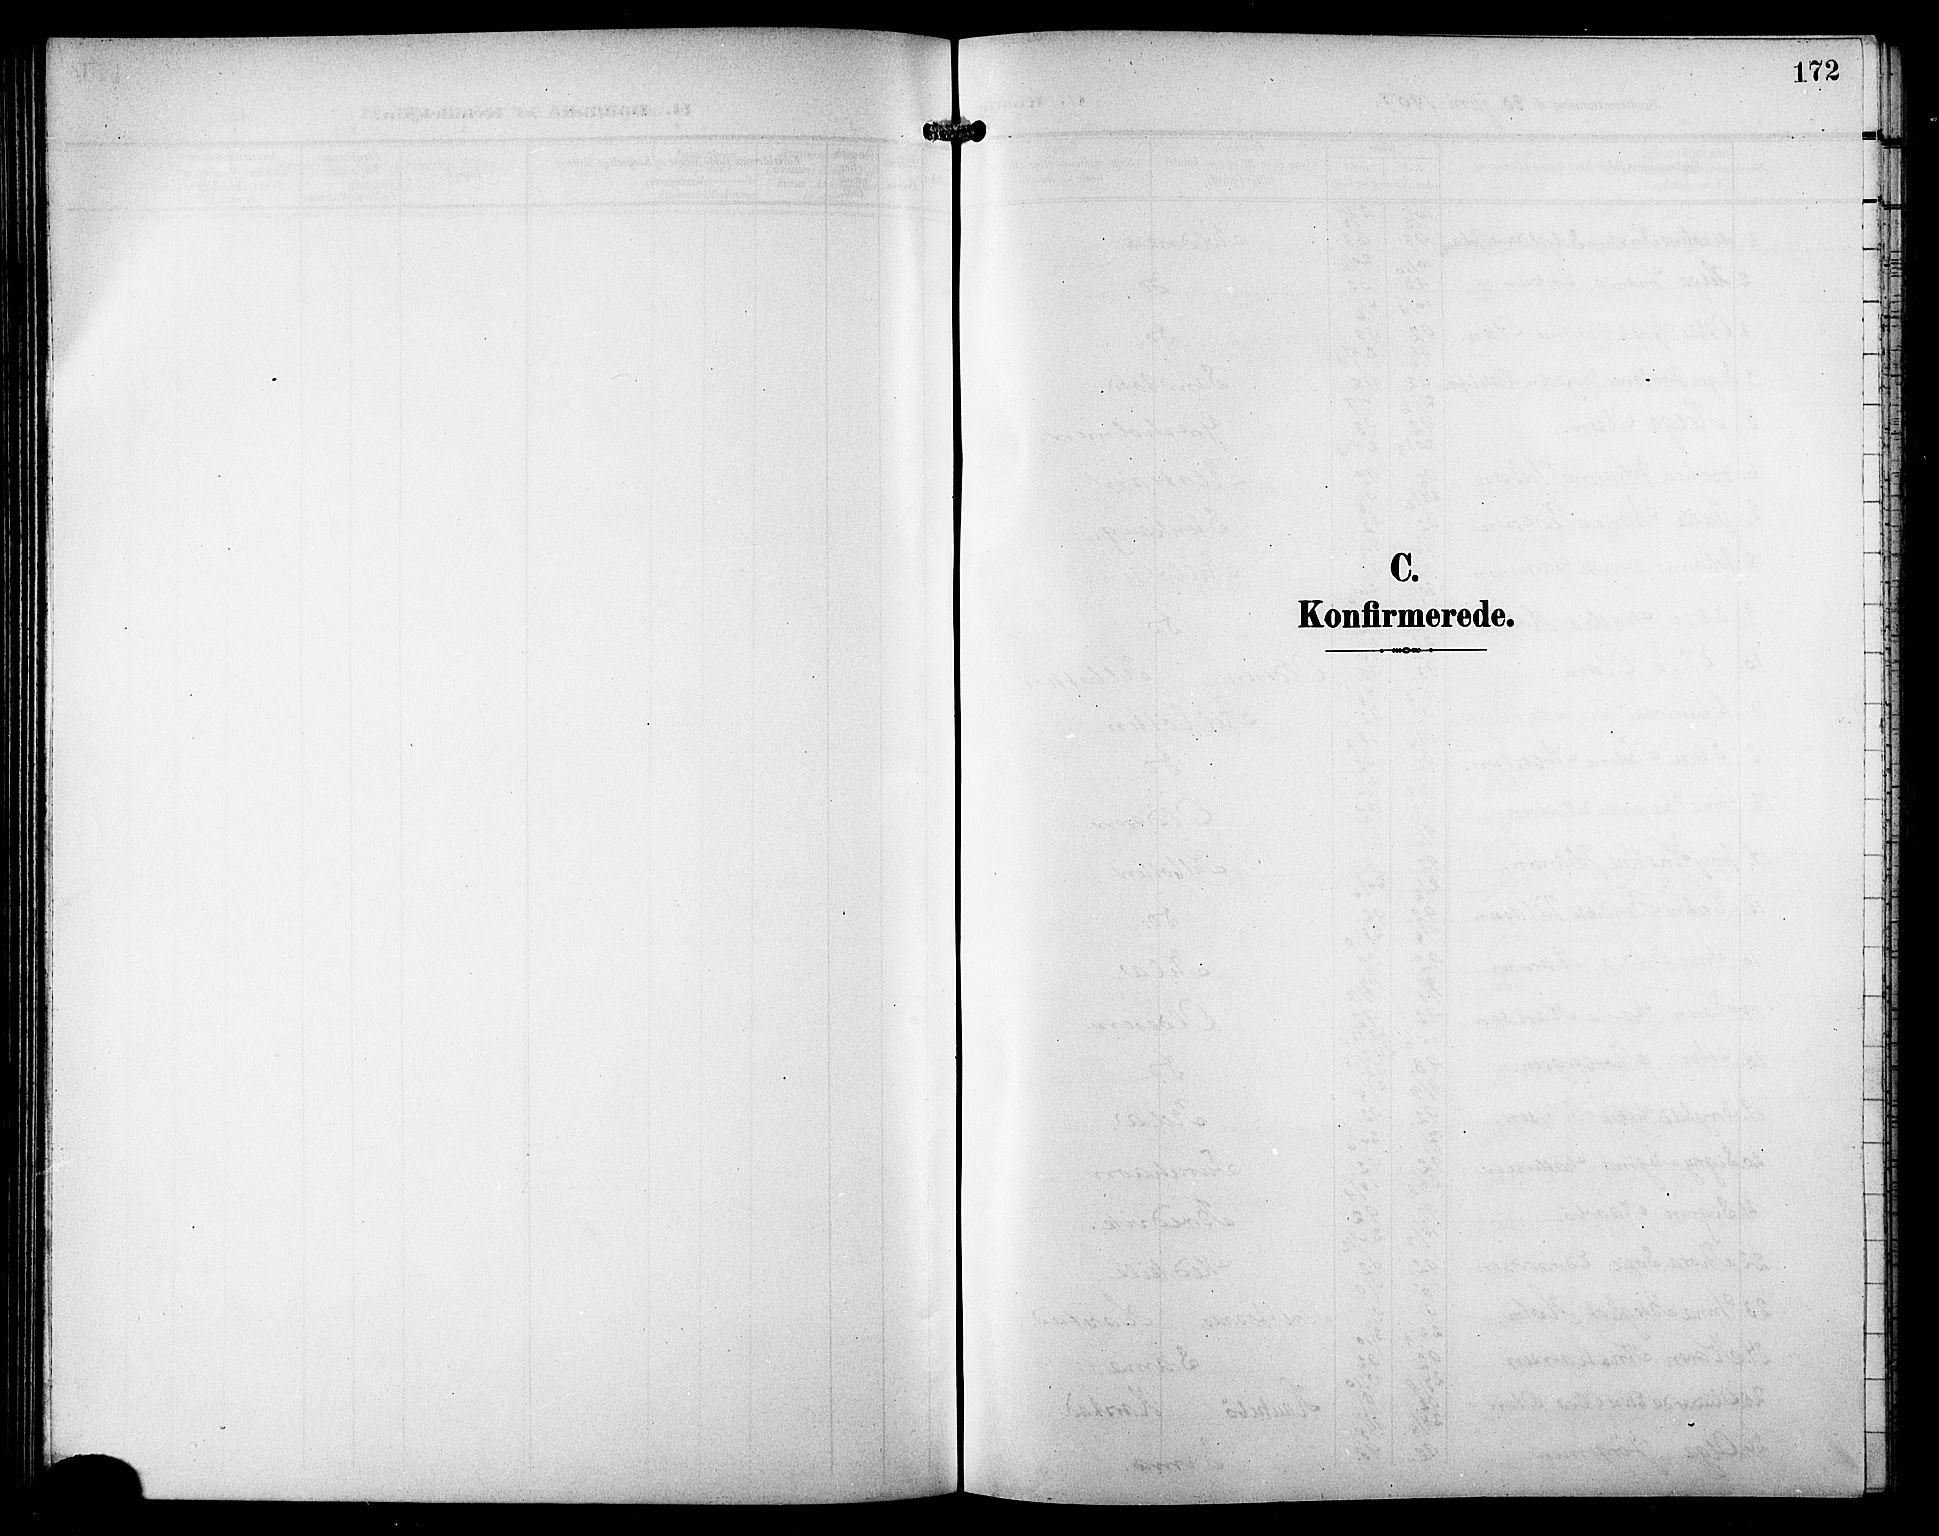 SATØ, Trondenes sokneprestkontor, H/Hb/L0012klokker: Klokkerbok nr. 12, 1907-1916, s. 172